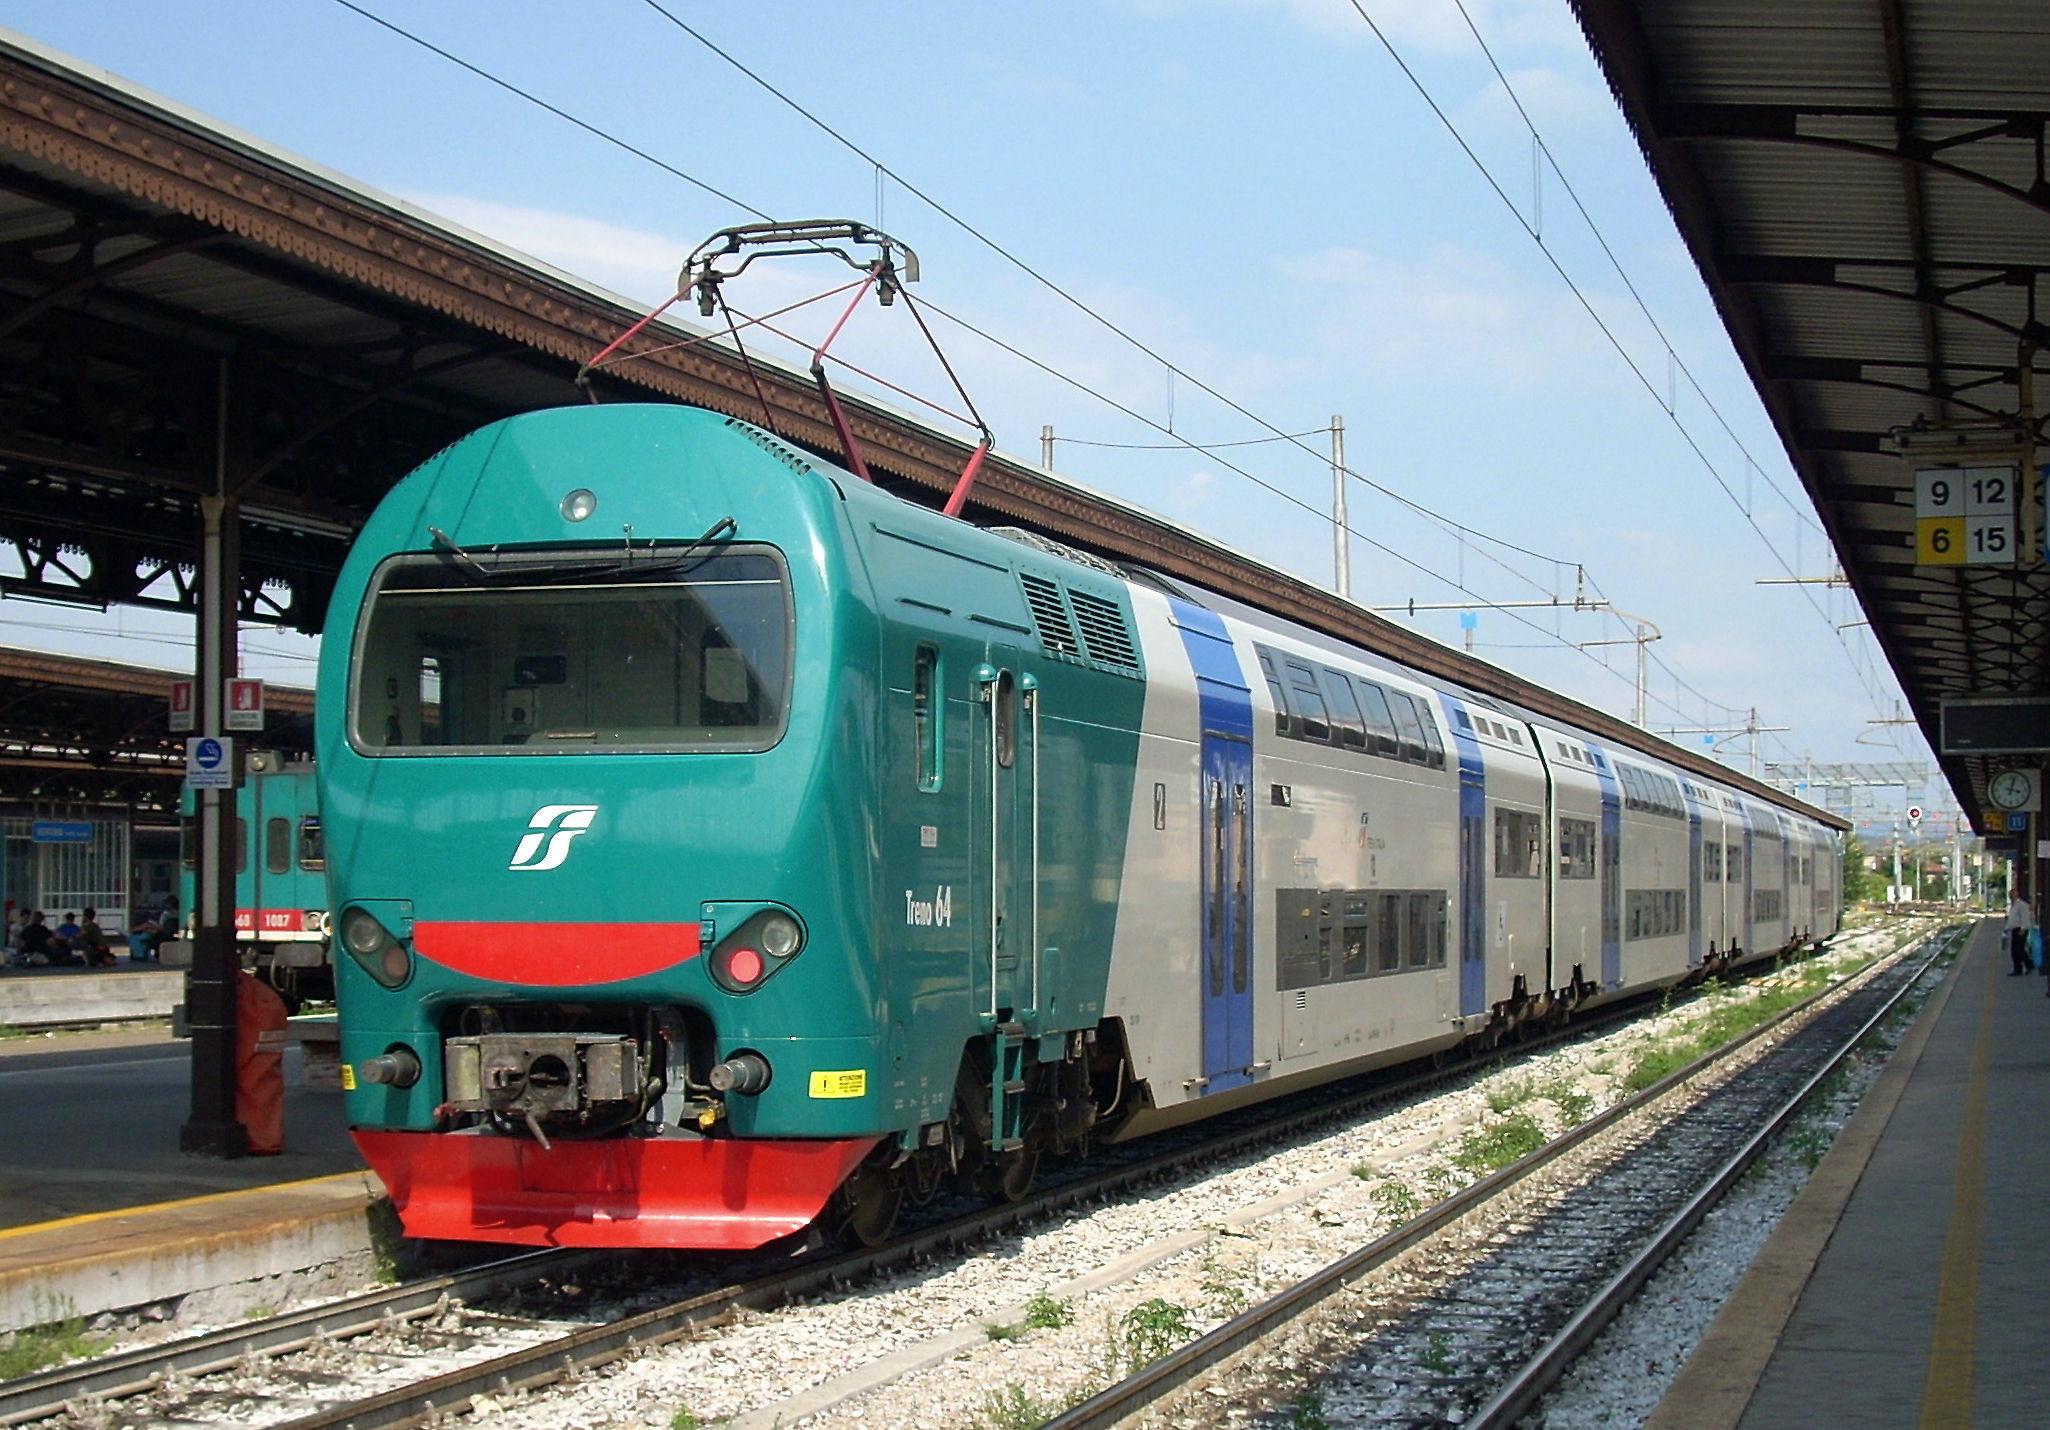 TROFARELLO – locomotore in panne manda in tilt la linea Torino Genova